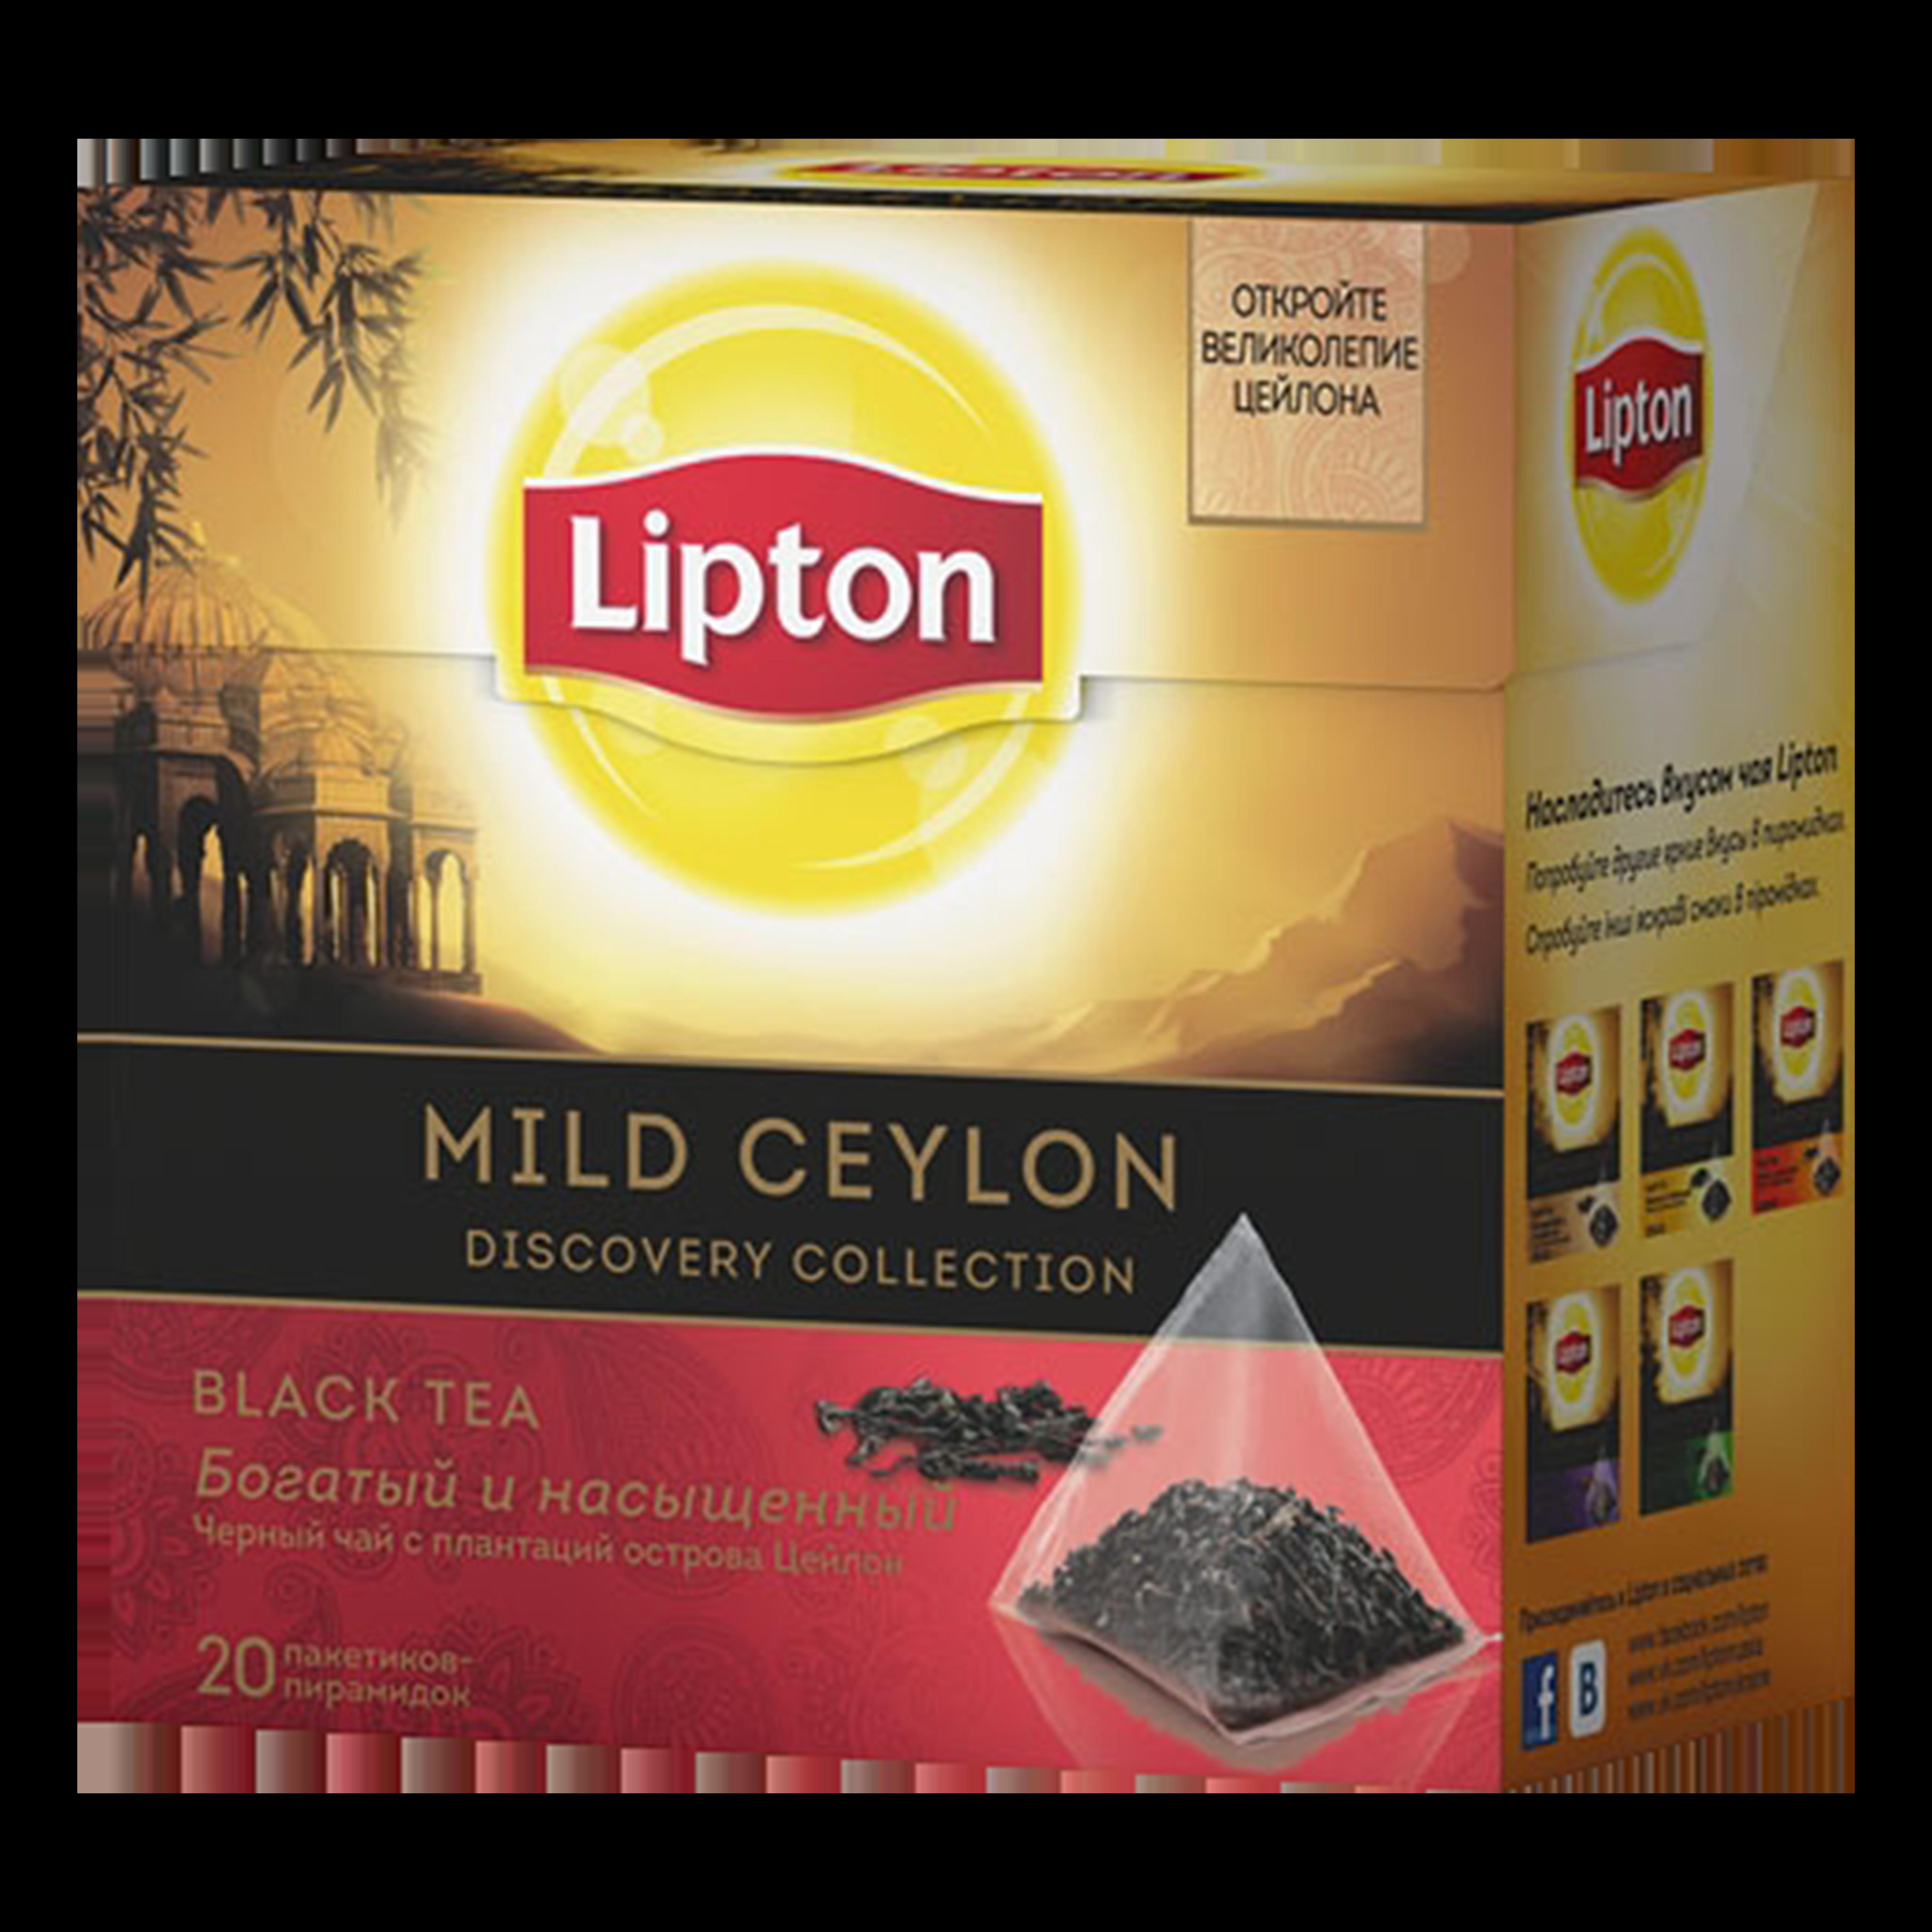 черный чай в синей упаковке